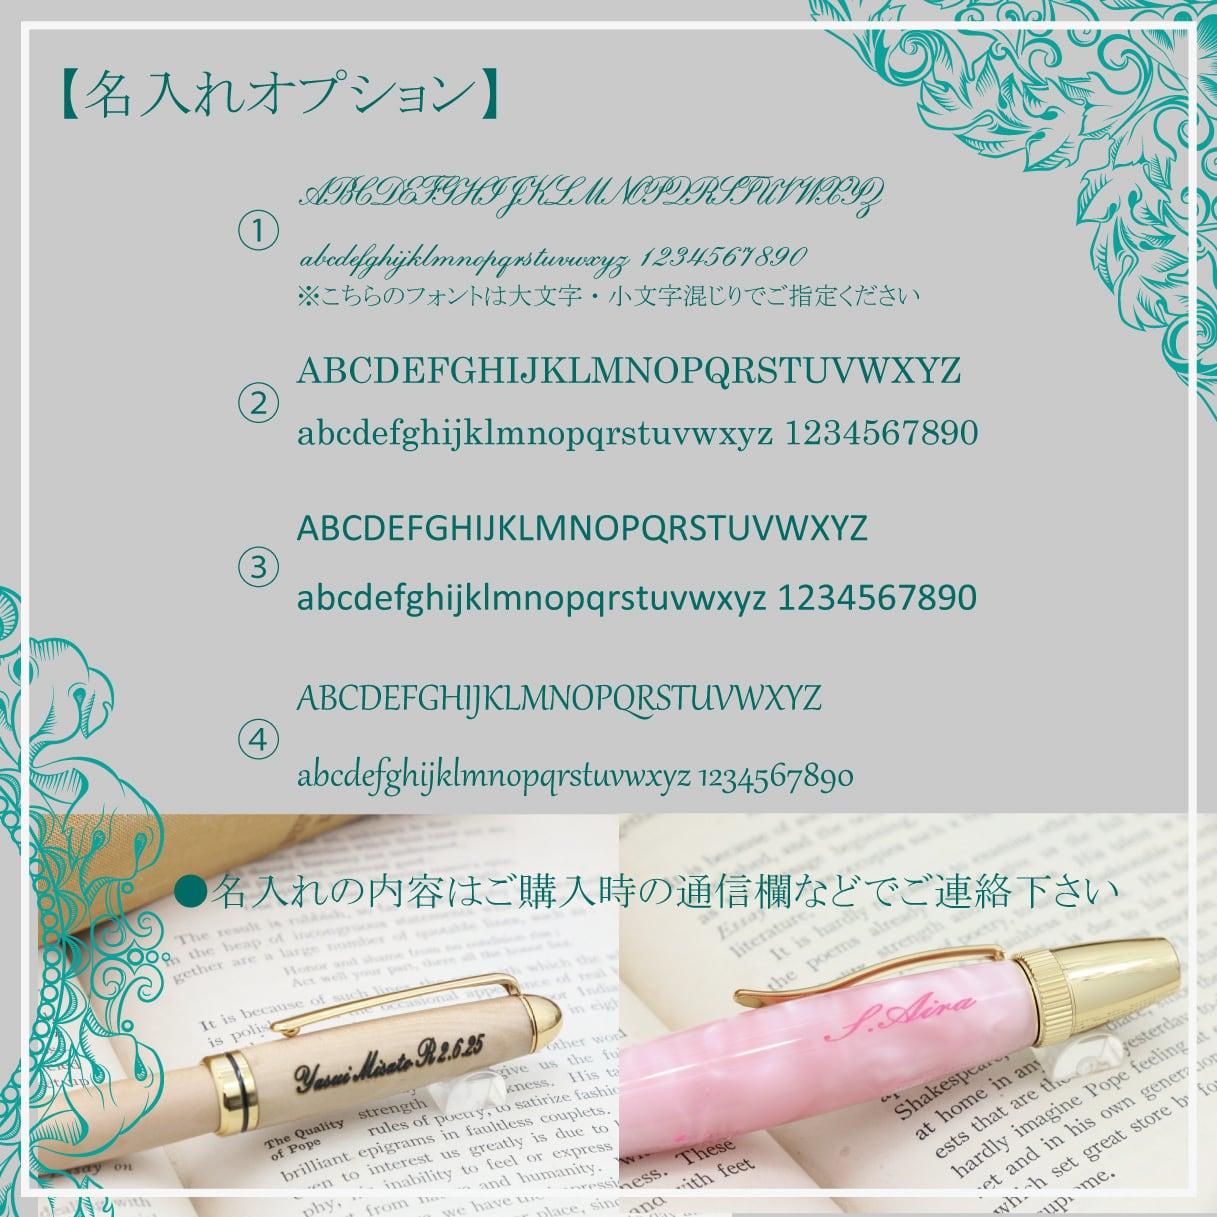 【レーザー名入れオプション・20文字以内】Viriditas手作りペン専用